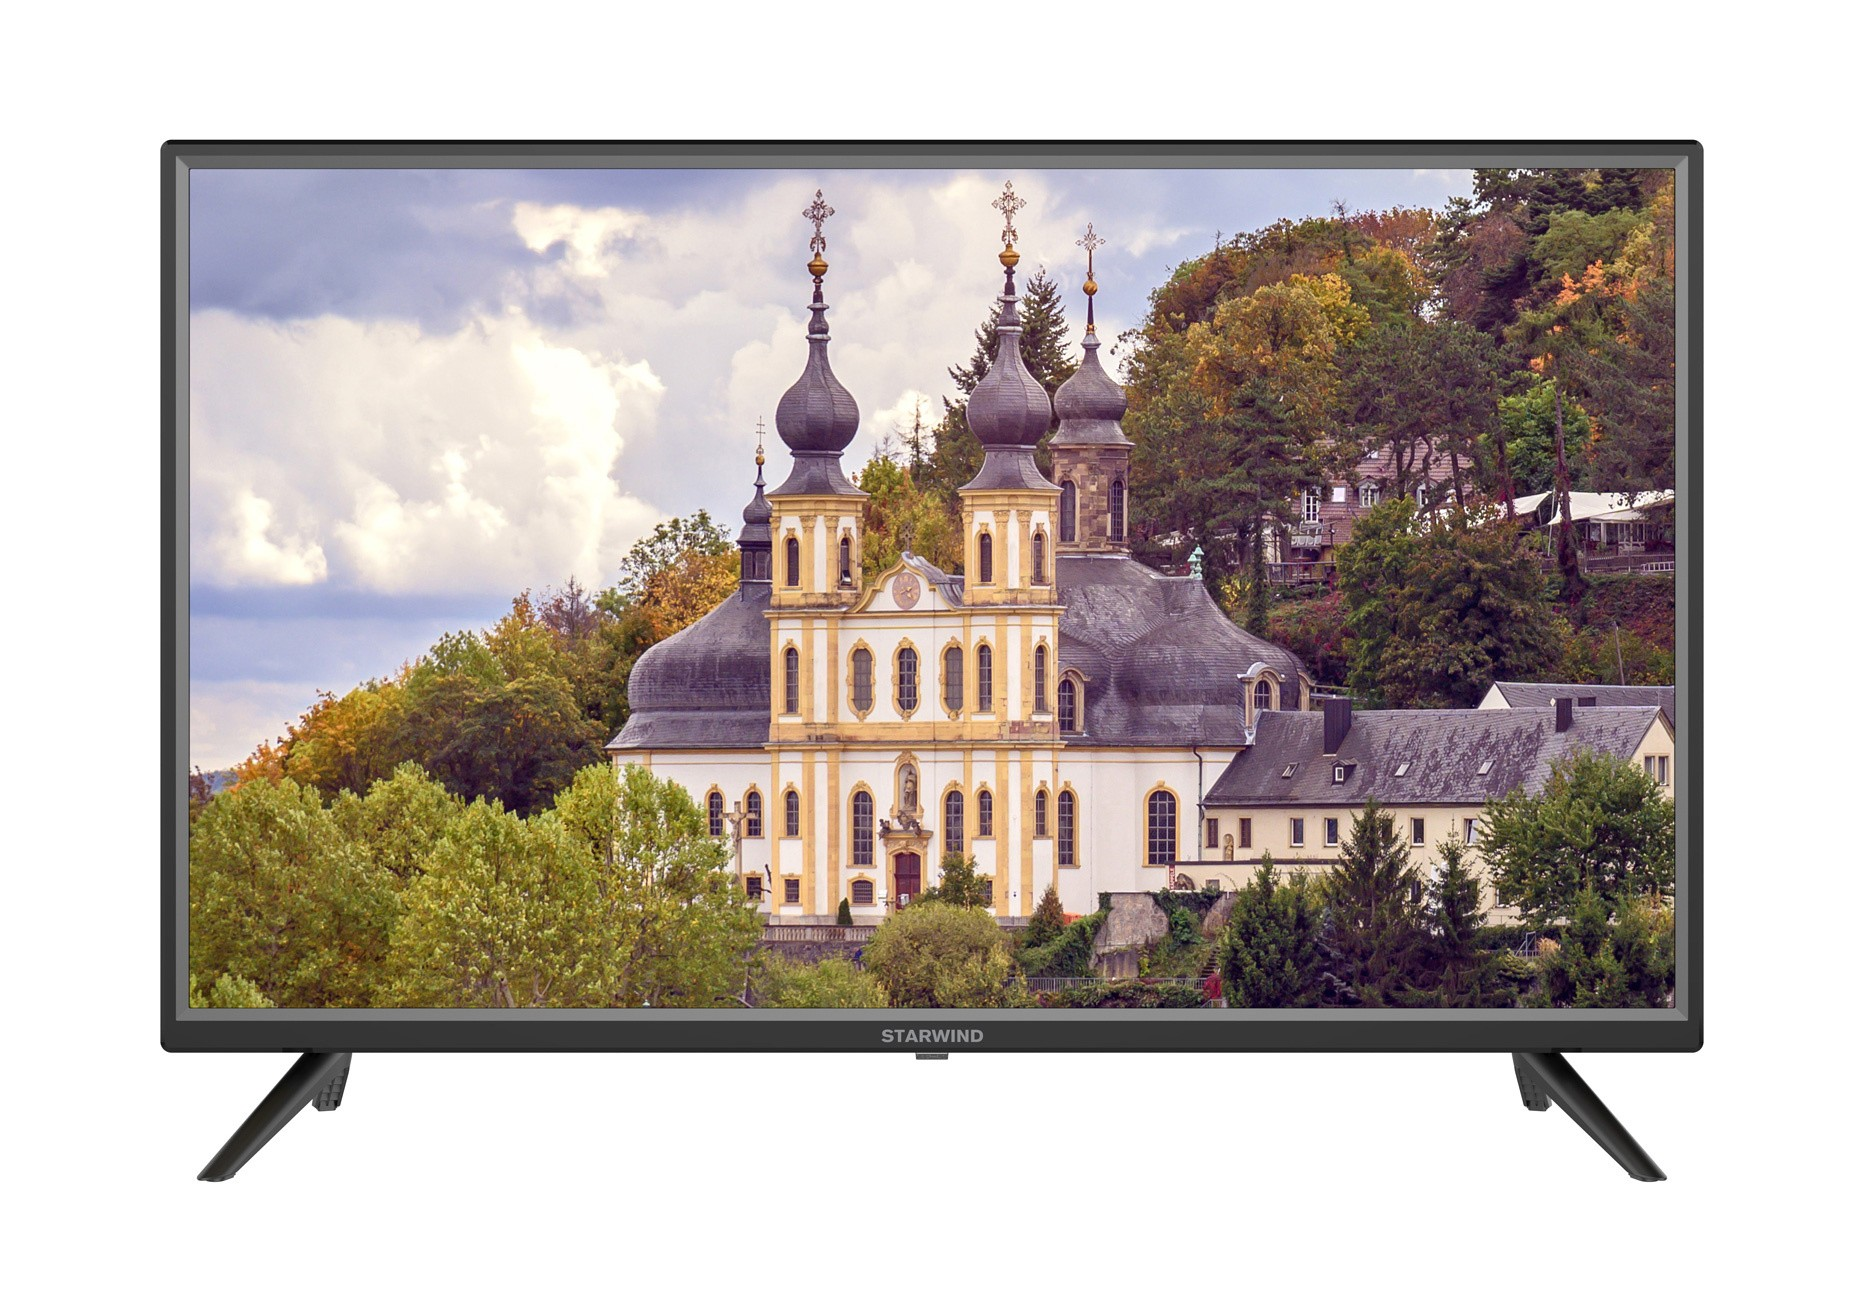 Обзор телевизора Starwind Sw Led32sa303